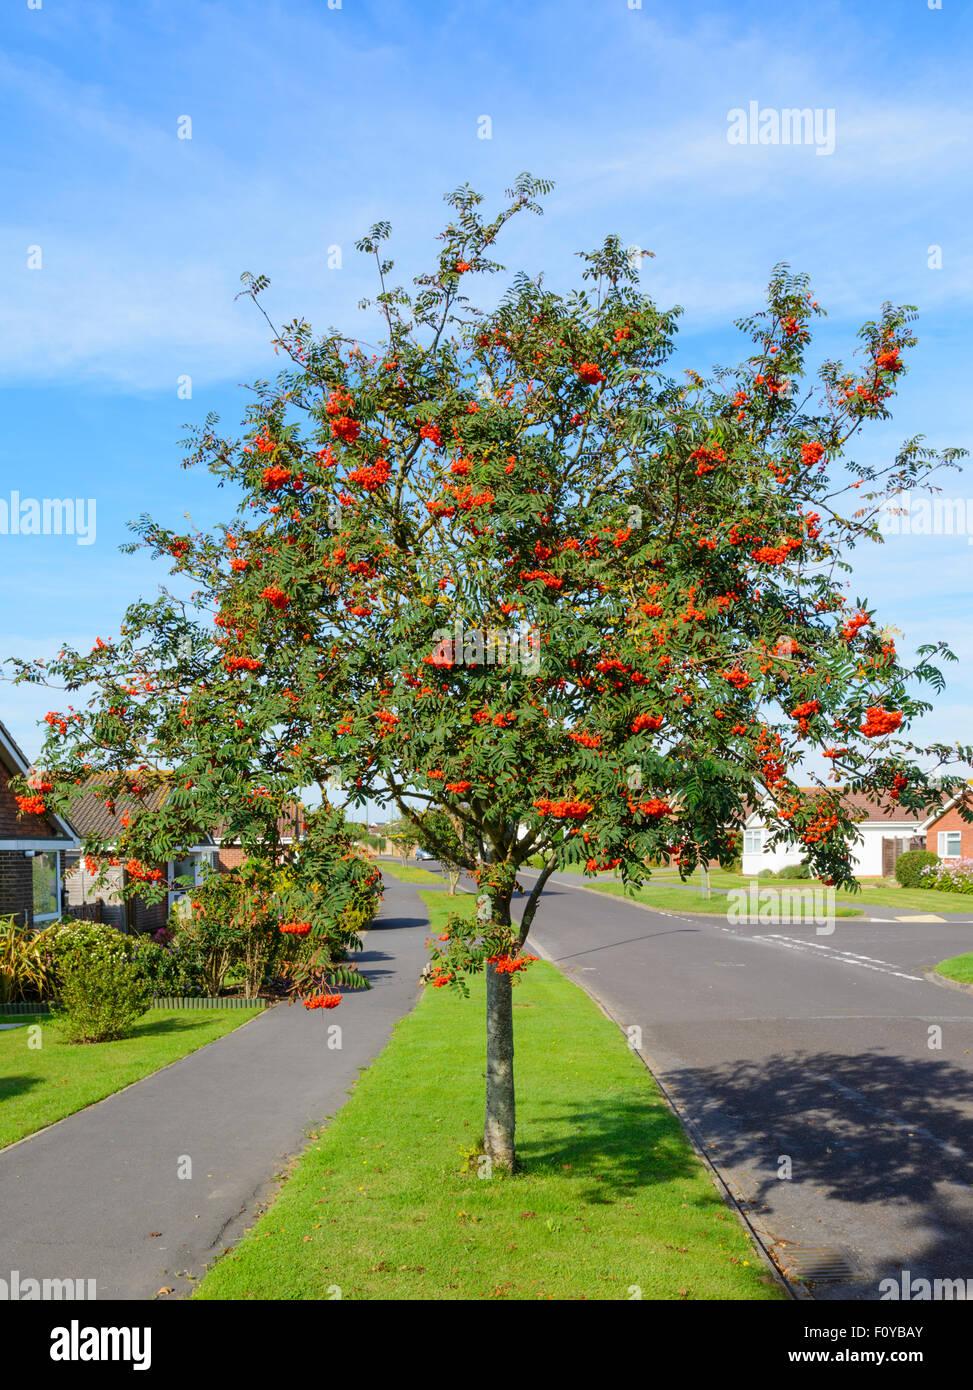 Sorbus aucuparia (Eberesche, Mountain-Ash tree) von der Seite der Straße in einem Wohngebiet in England, Großbritannien. Stockbild